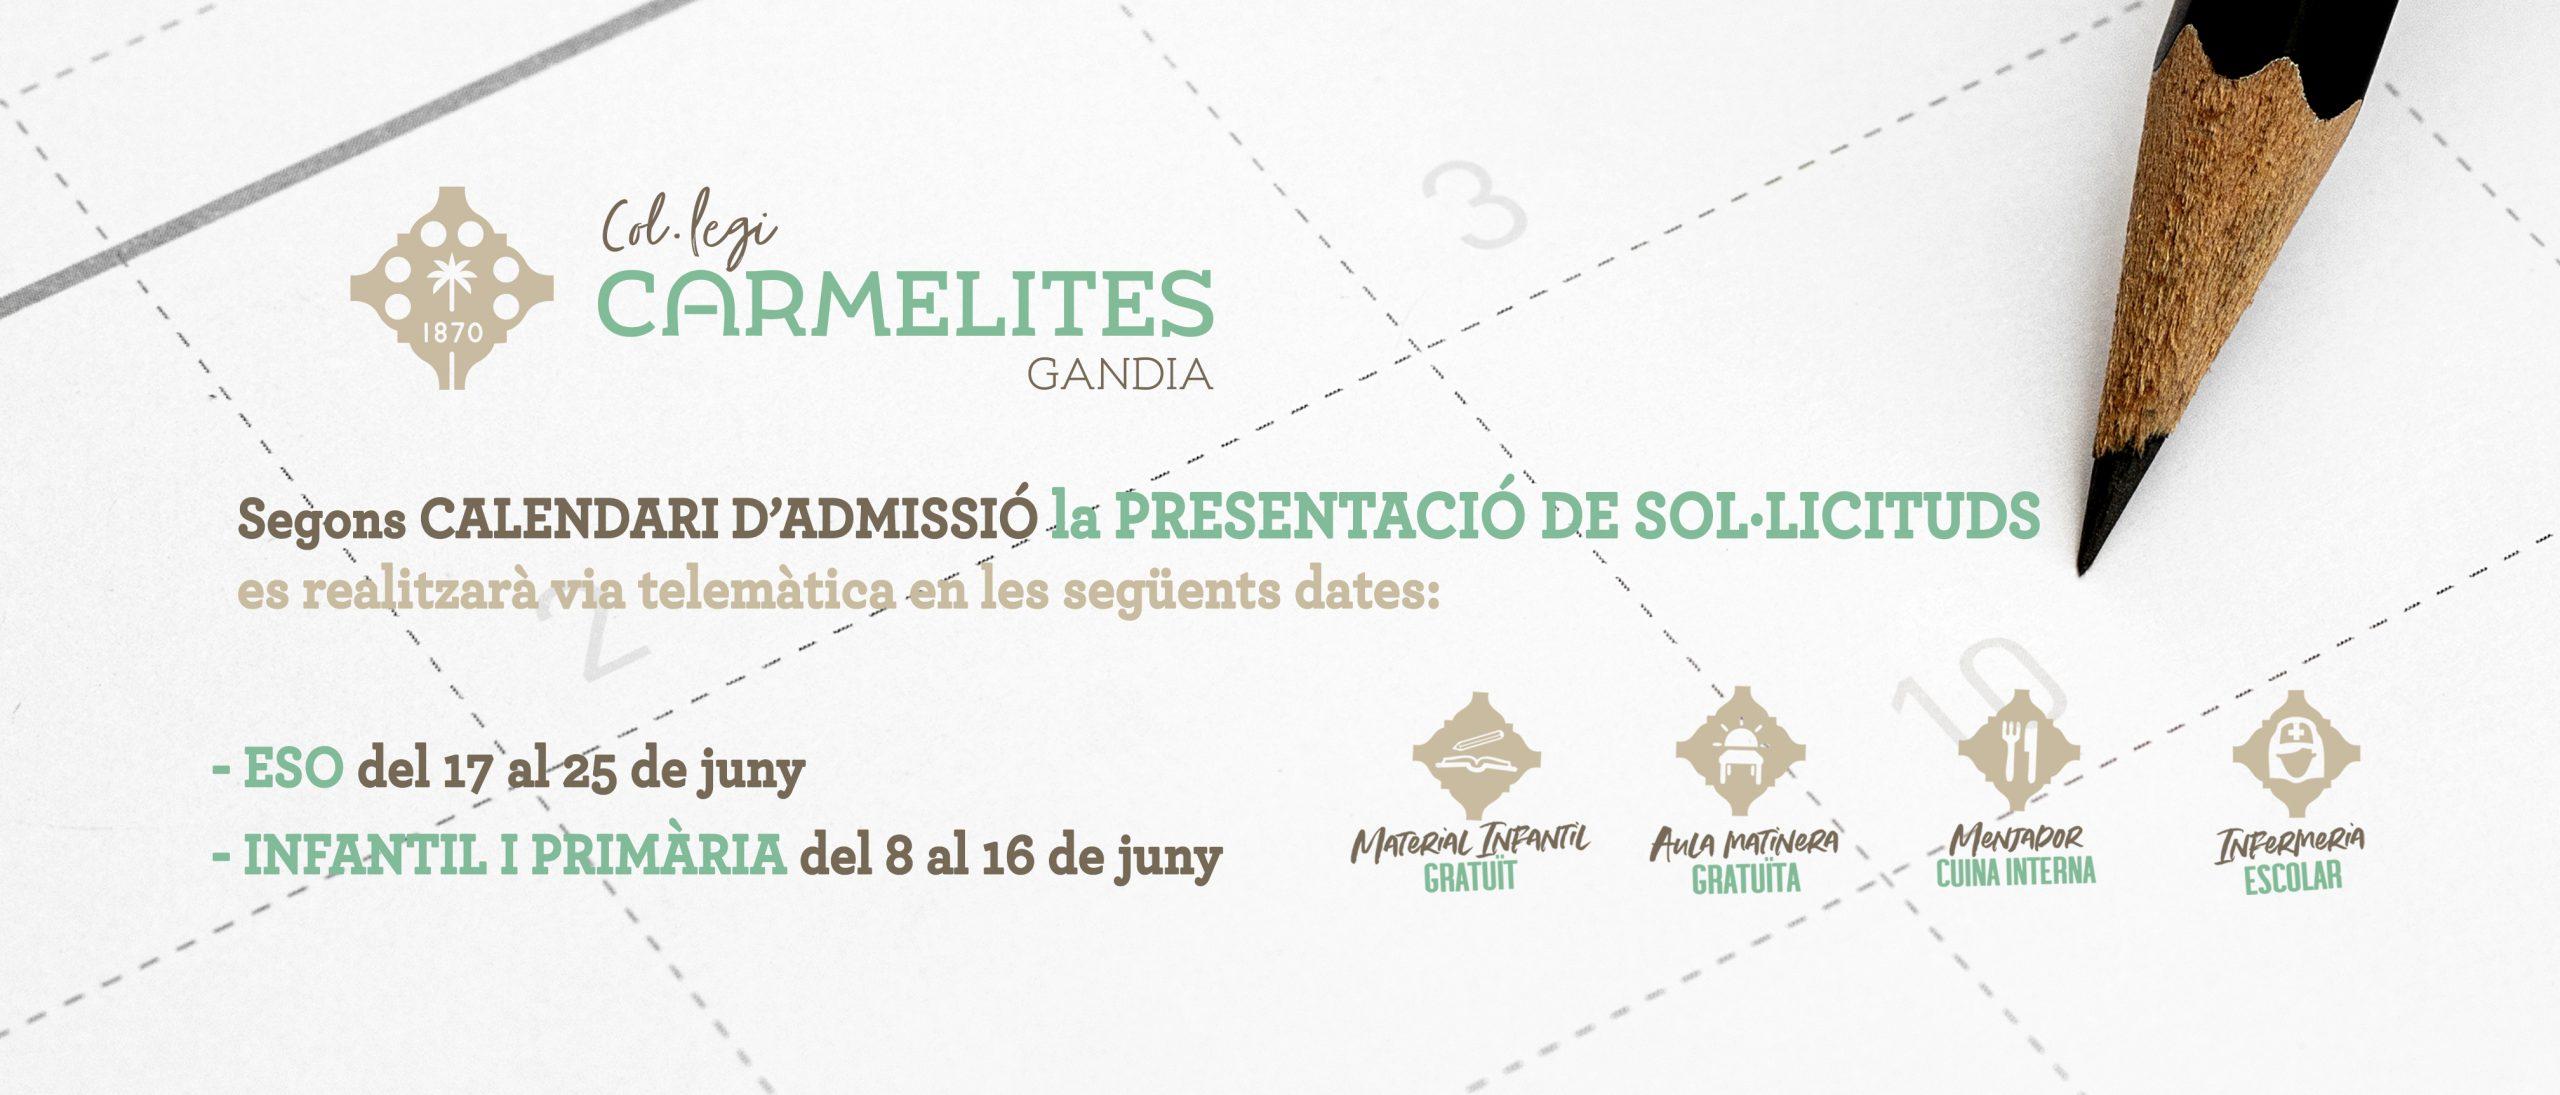 WEB SLIDE 05 20 CARMELITES-PRESENTACIÓ_val